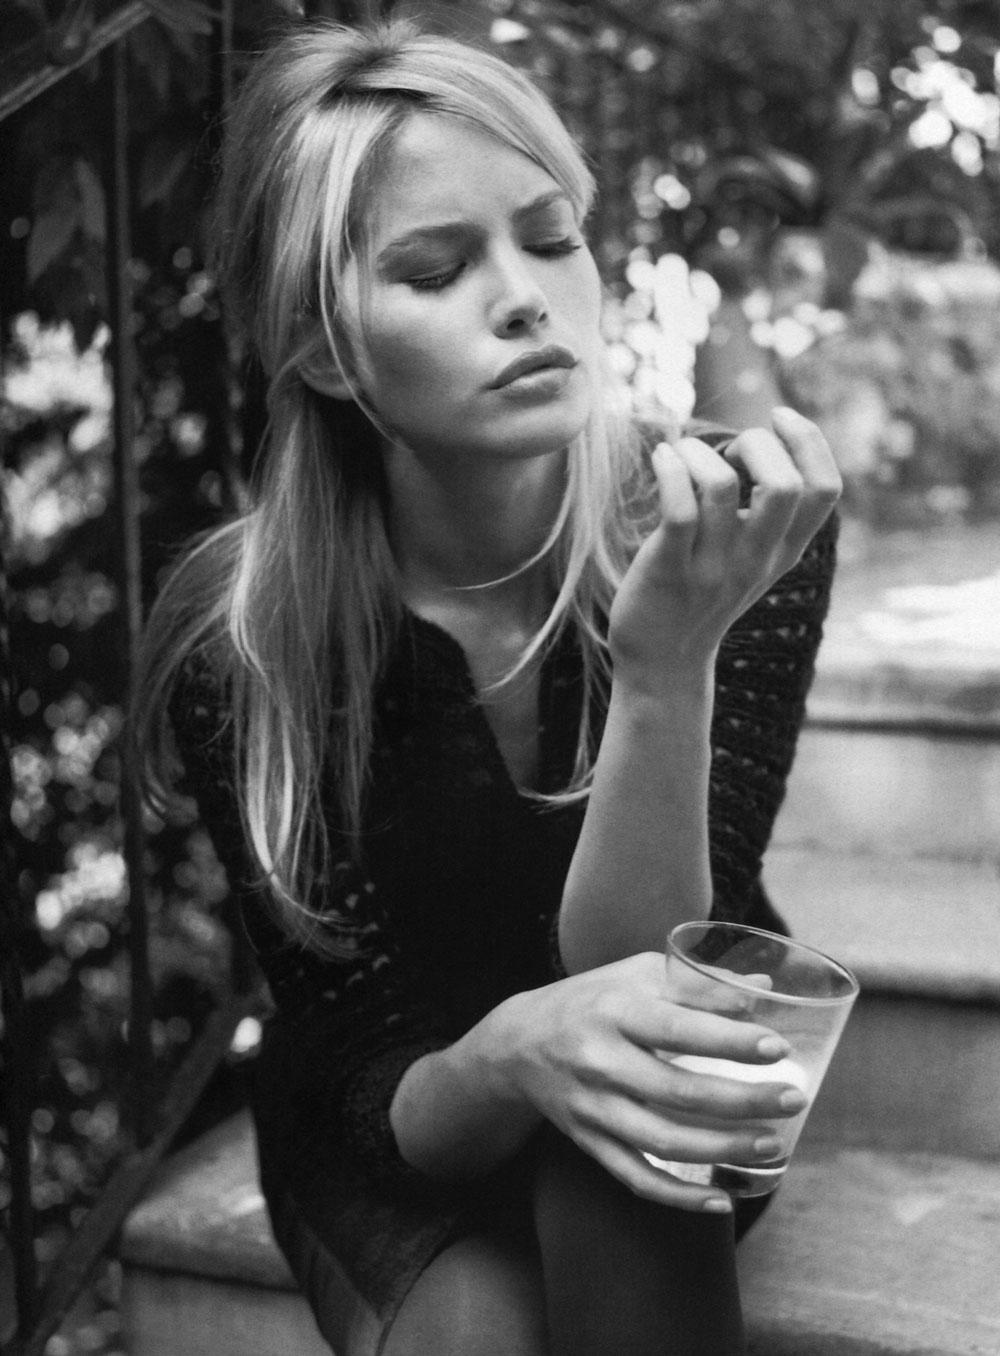 aleria Mazza in Vogue Italia February 1997 (photography: Walter Chin, styling: Anna Dello Russo)